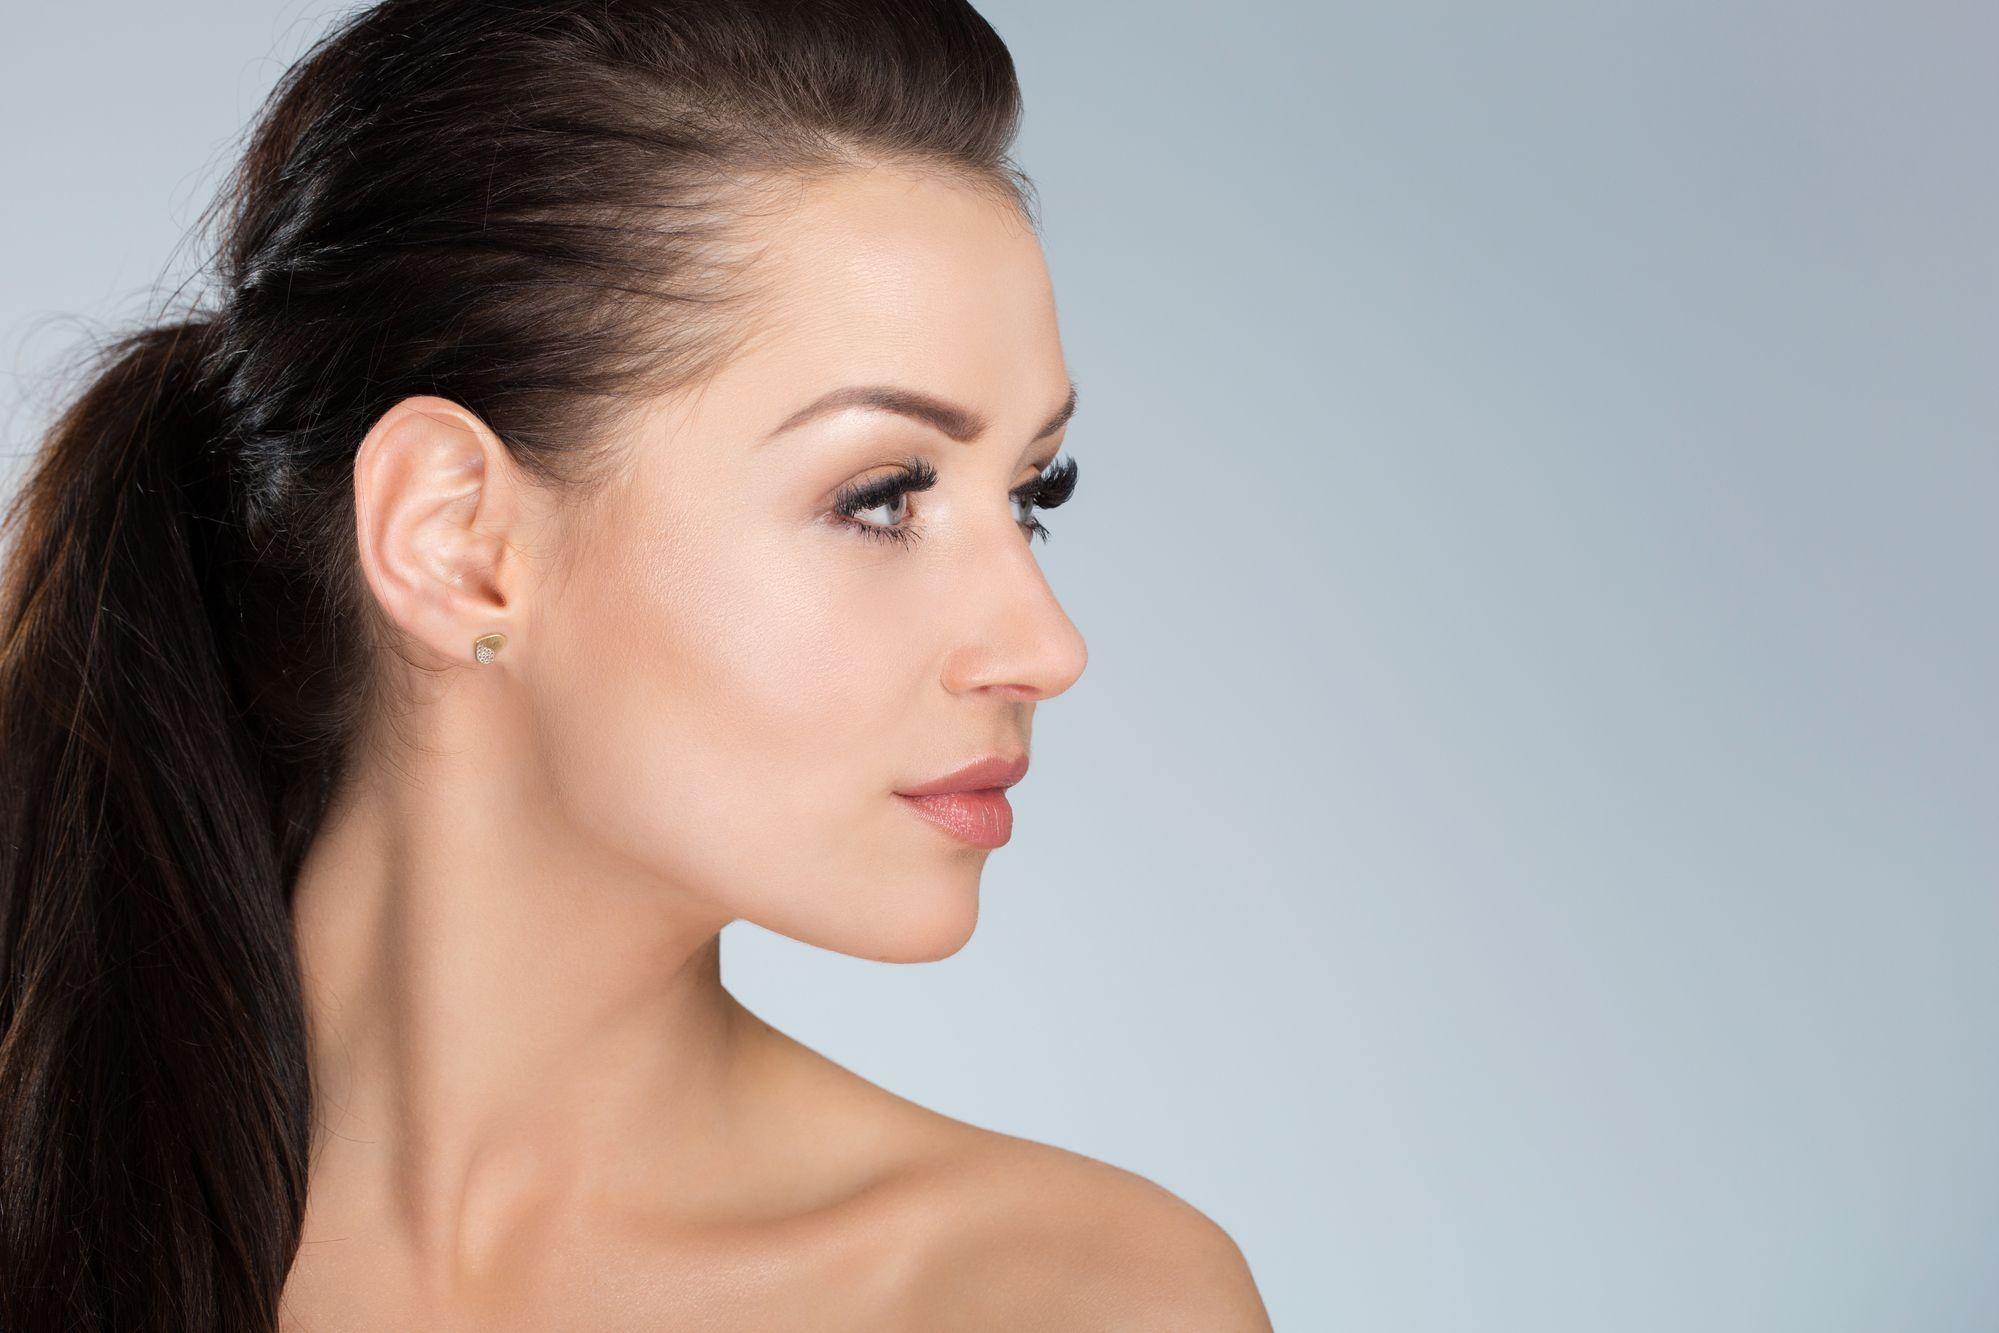 Jak wyszczuplić twarz? Makijaż, fryzura, ćwiczenia i inne sprytne metody